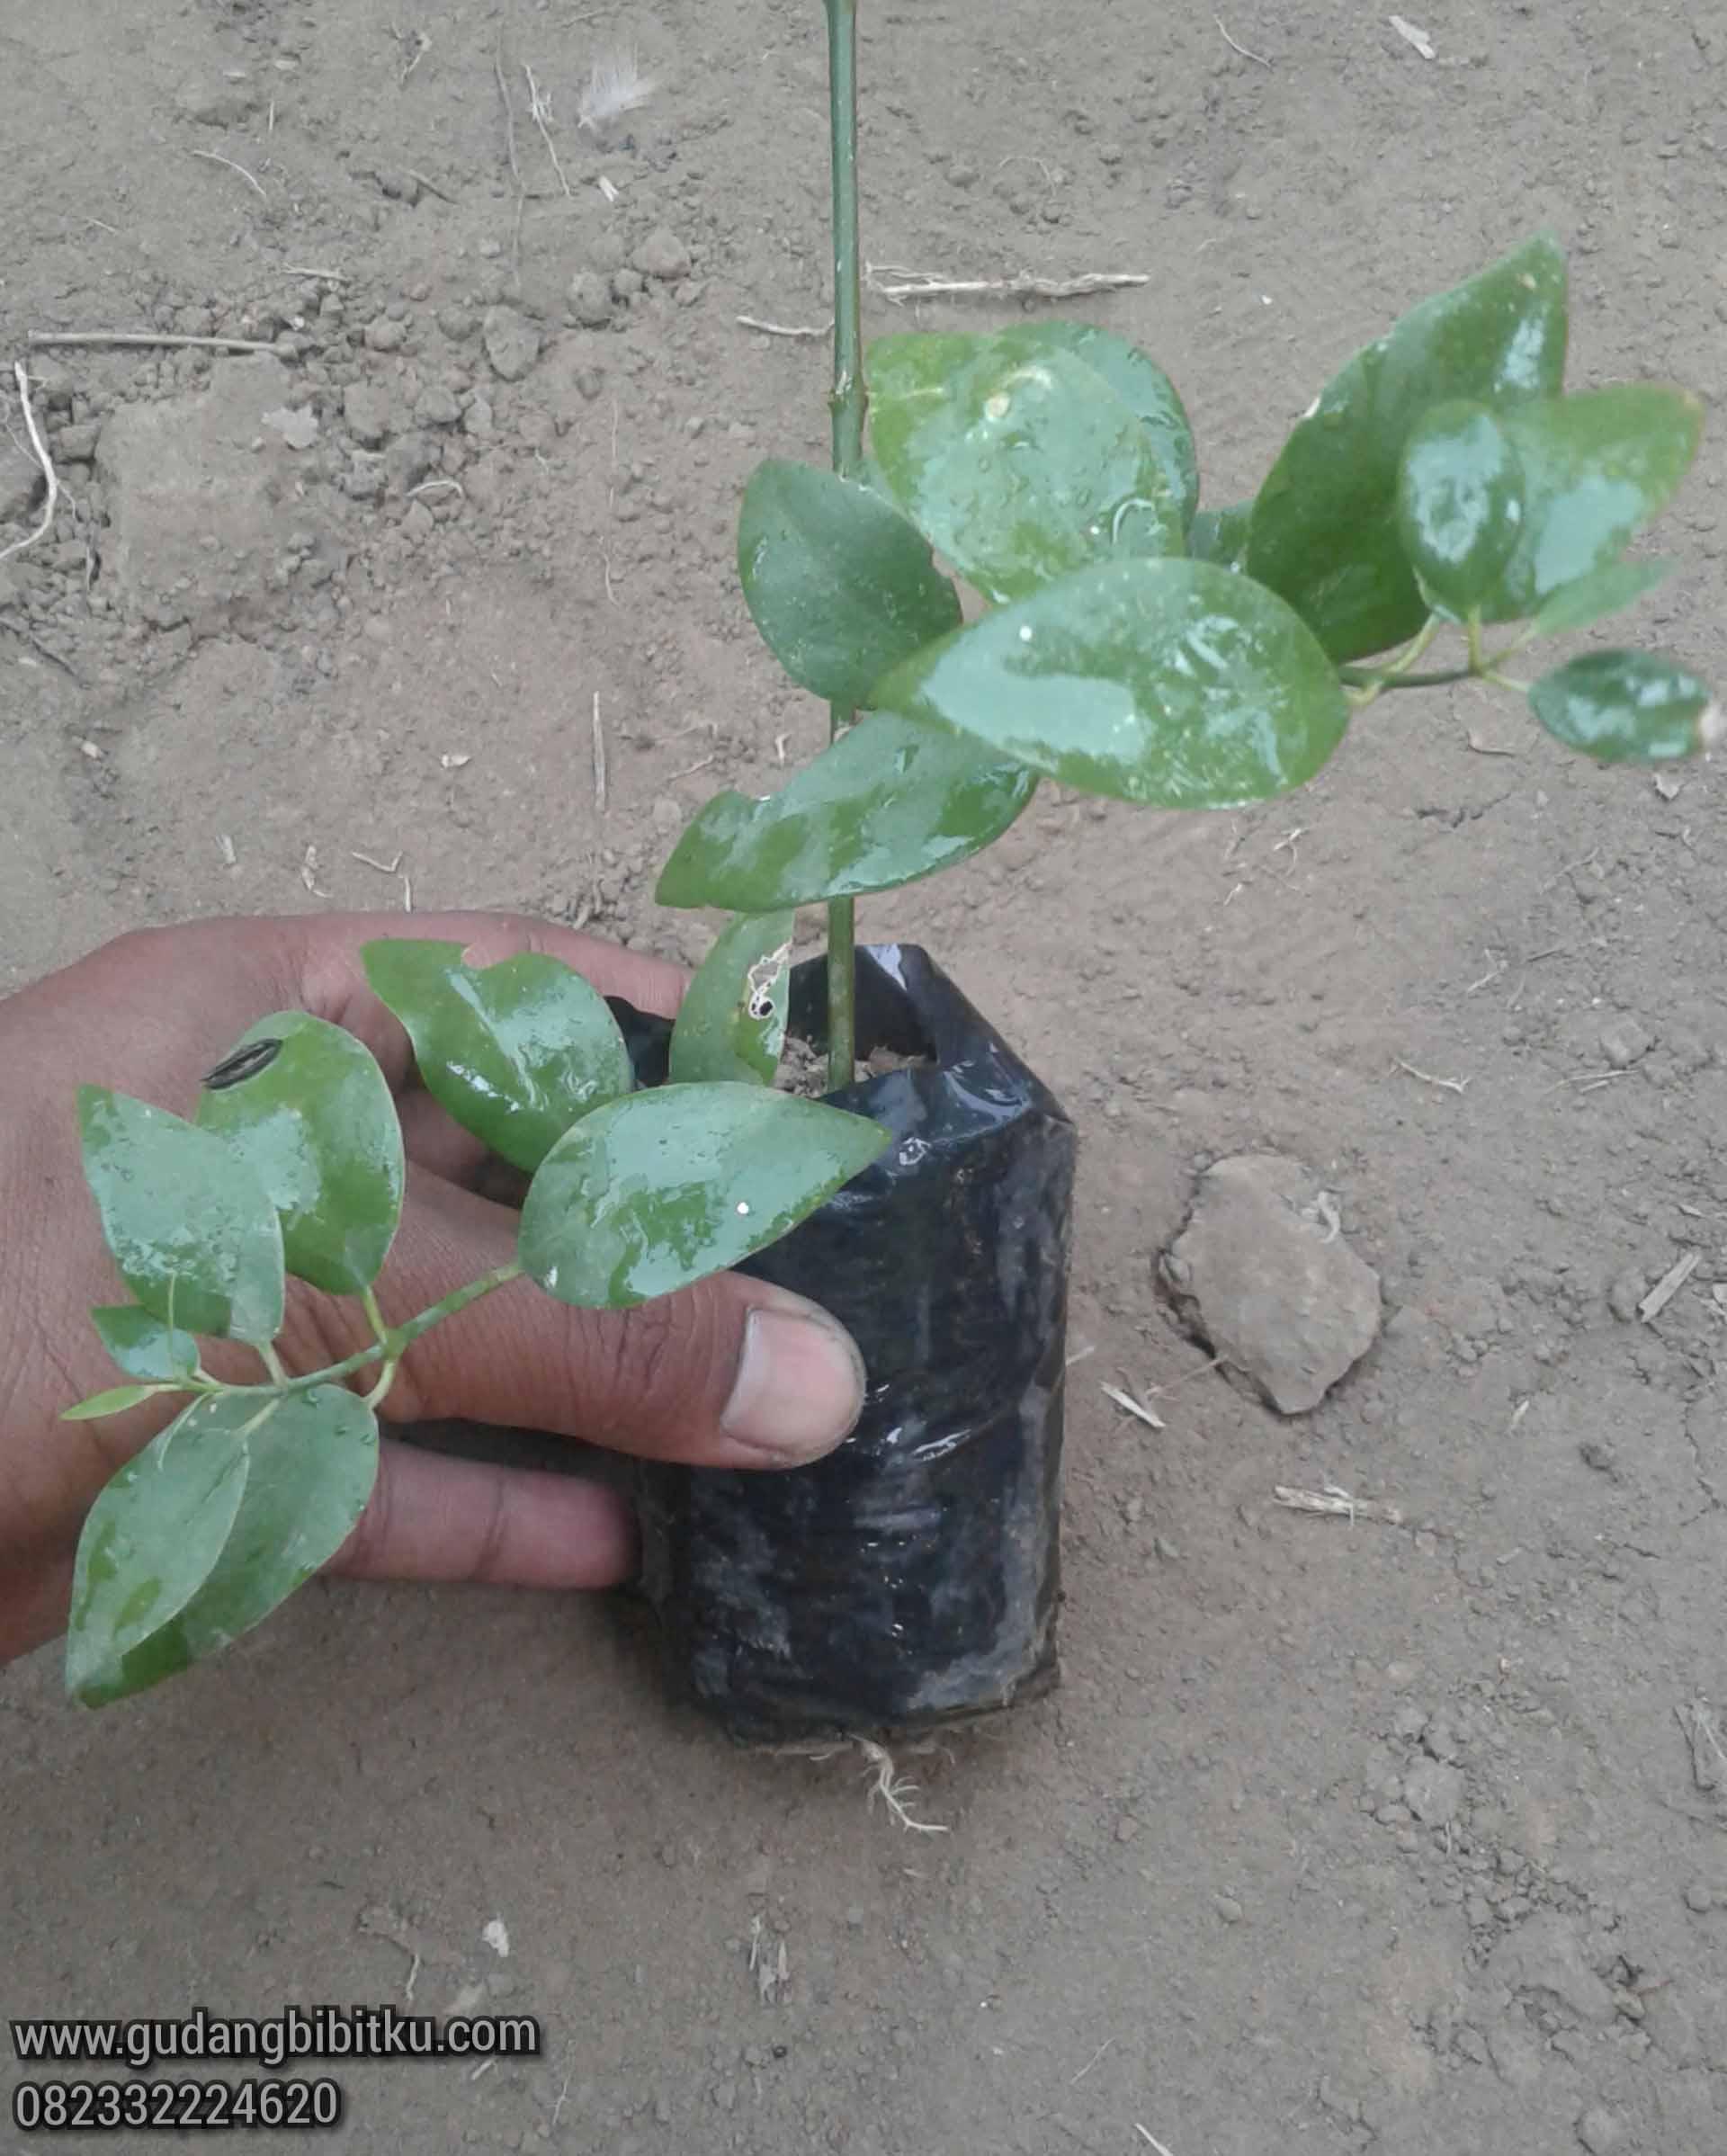 Buah pohon siwak